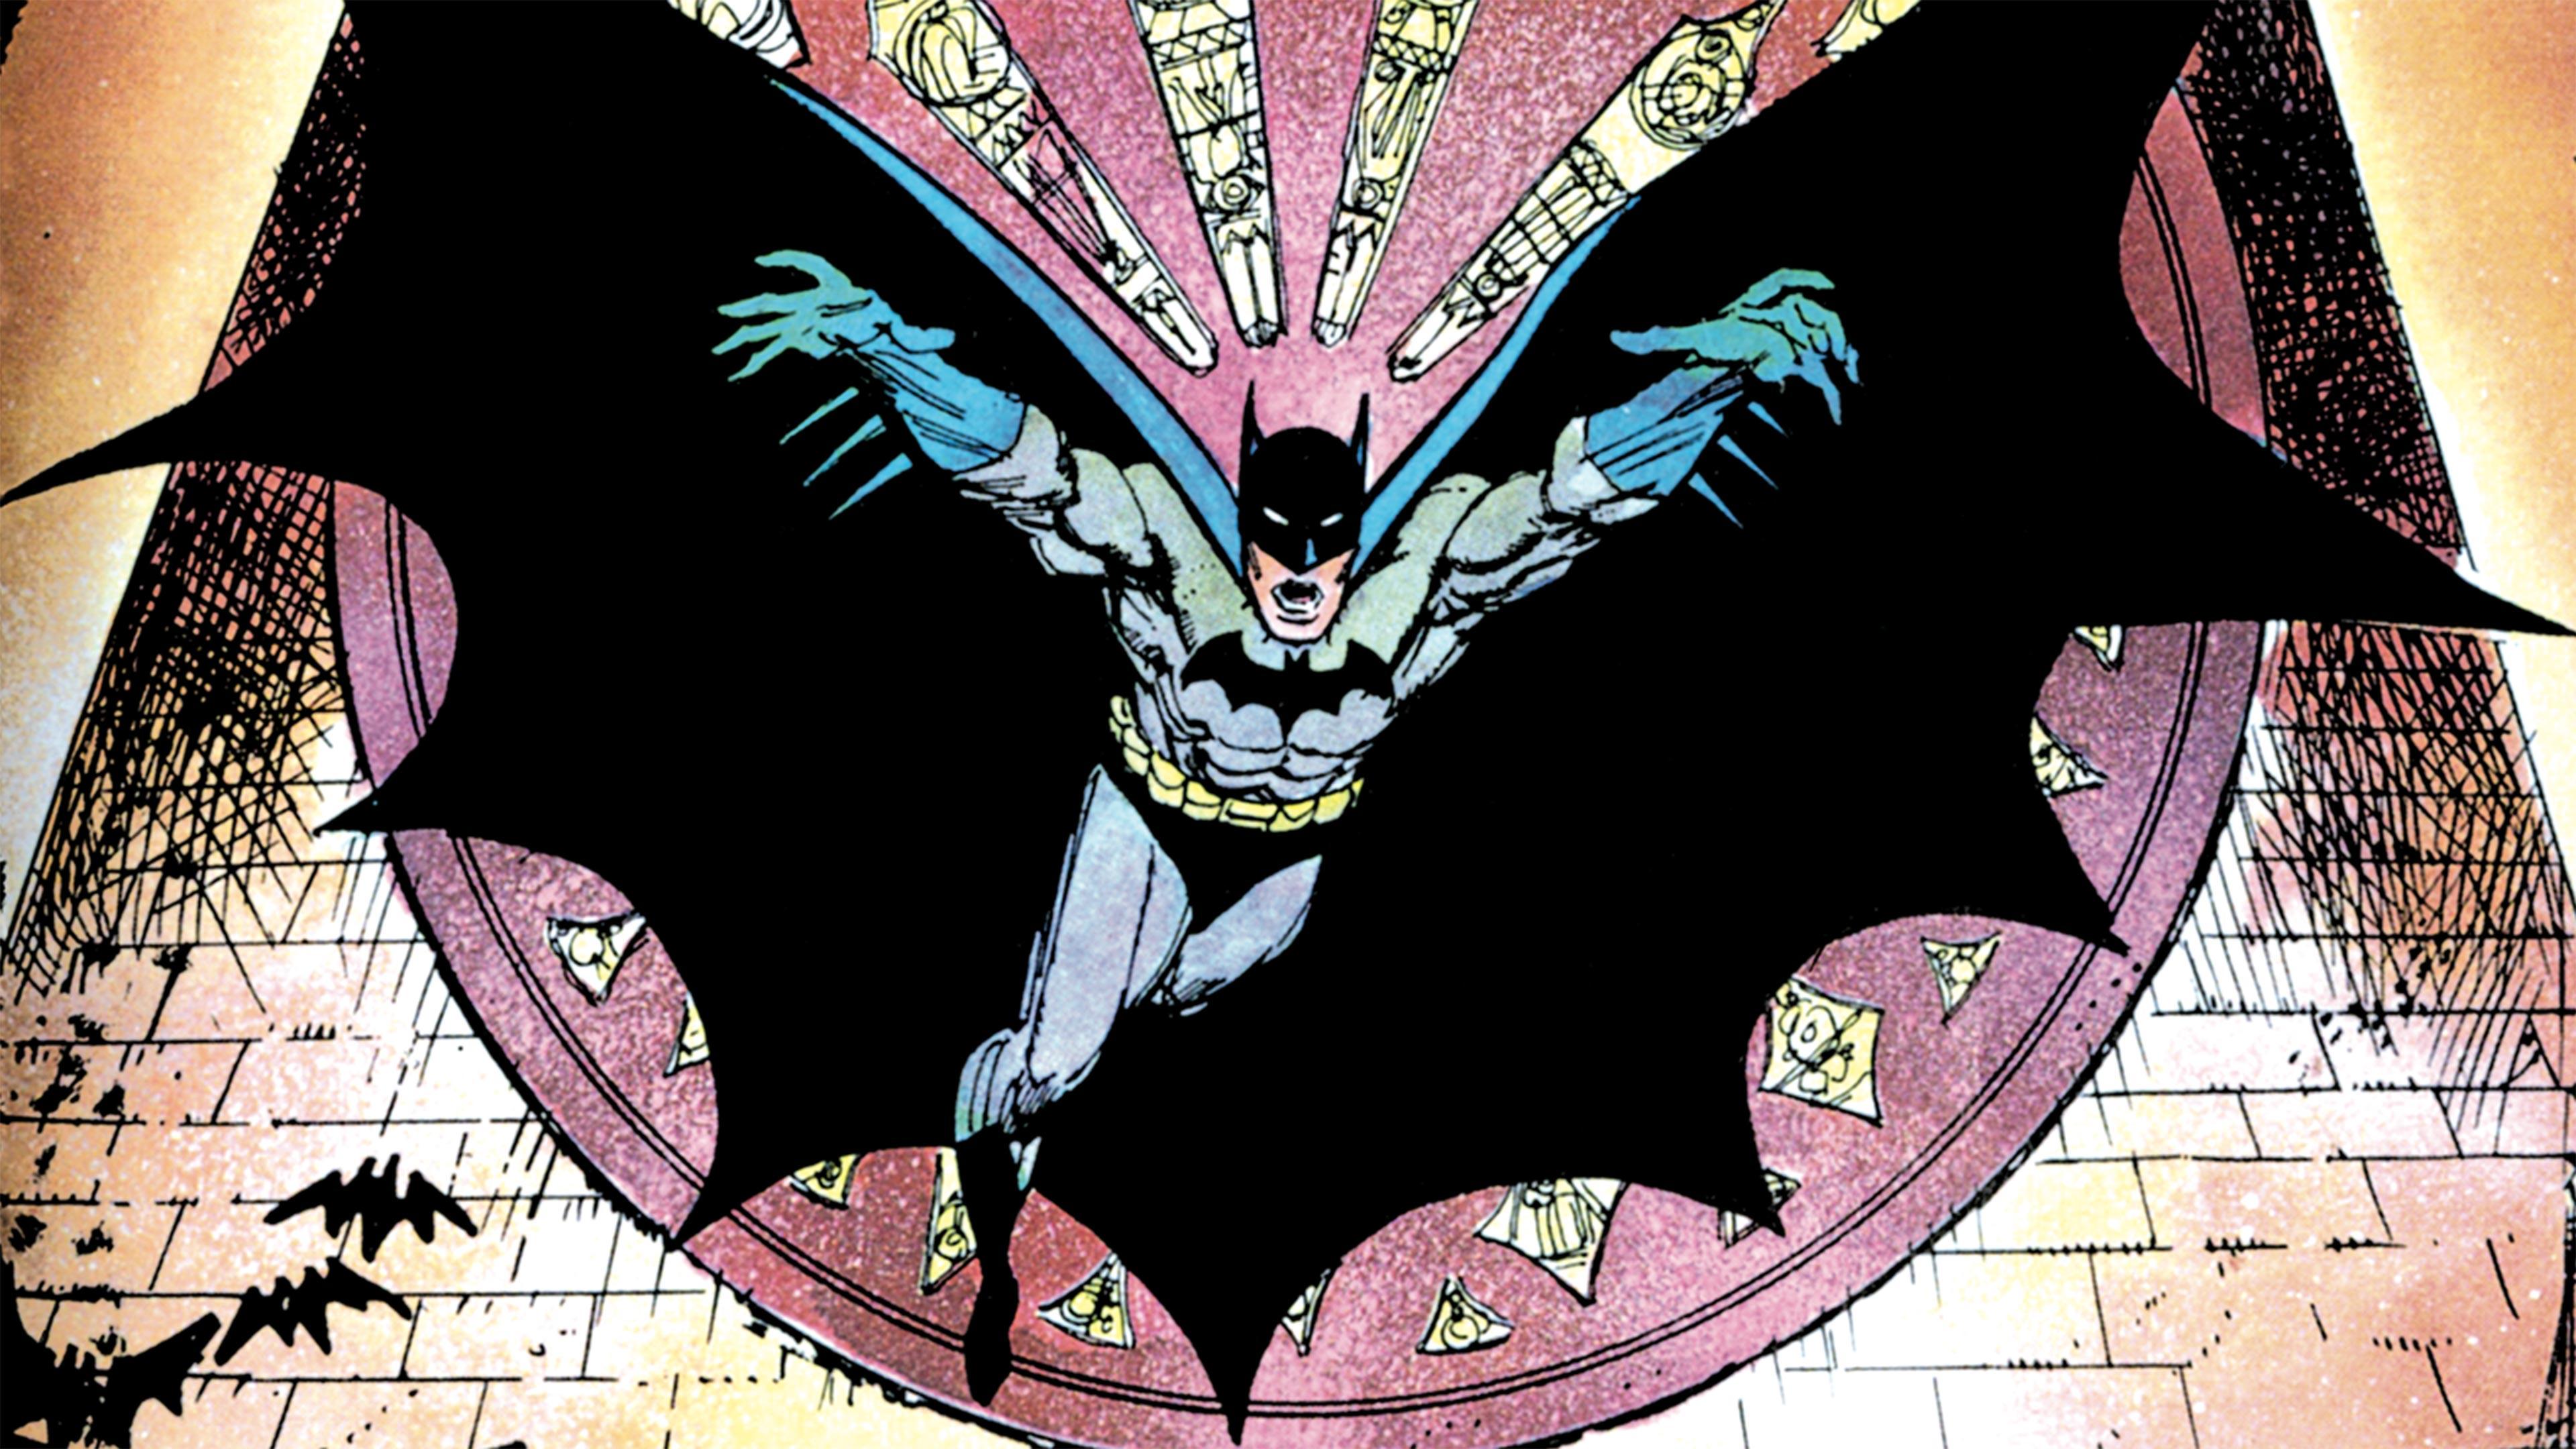 bingethis_gothic_news_hero-c_v1_200402.jpg